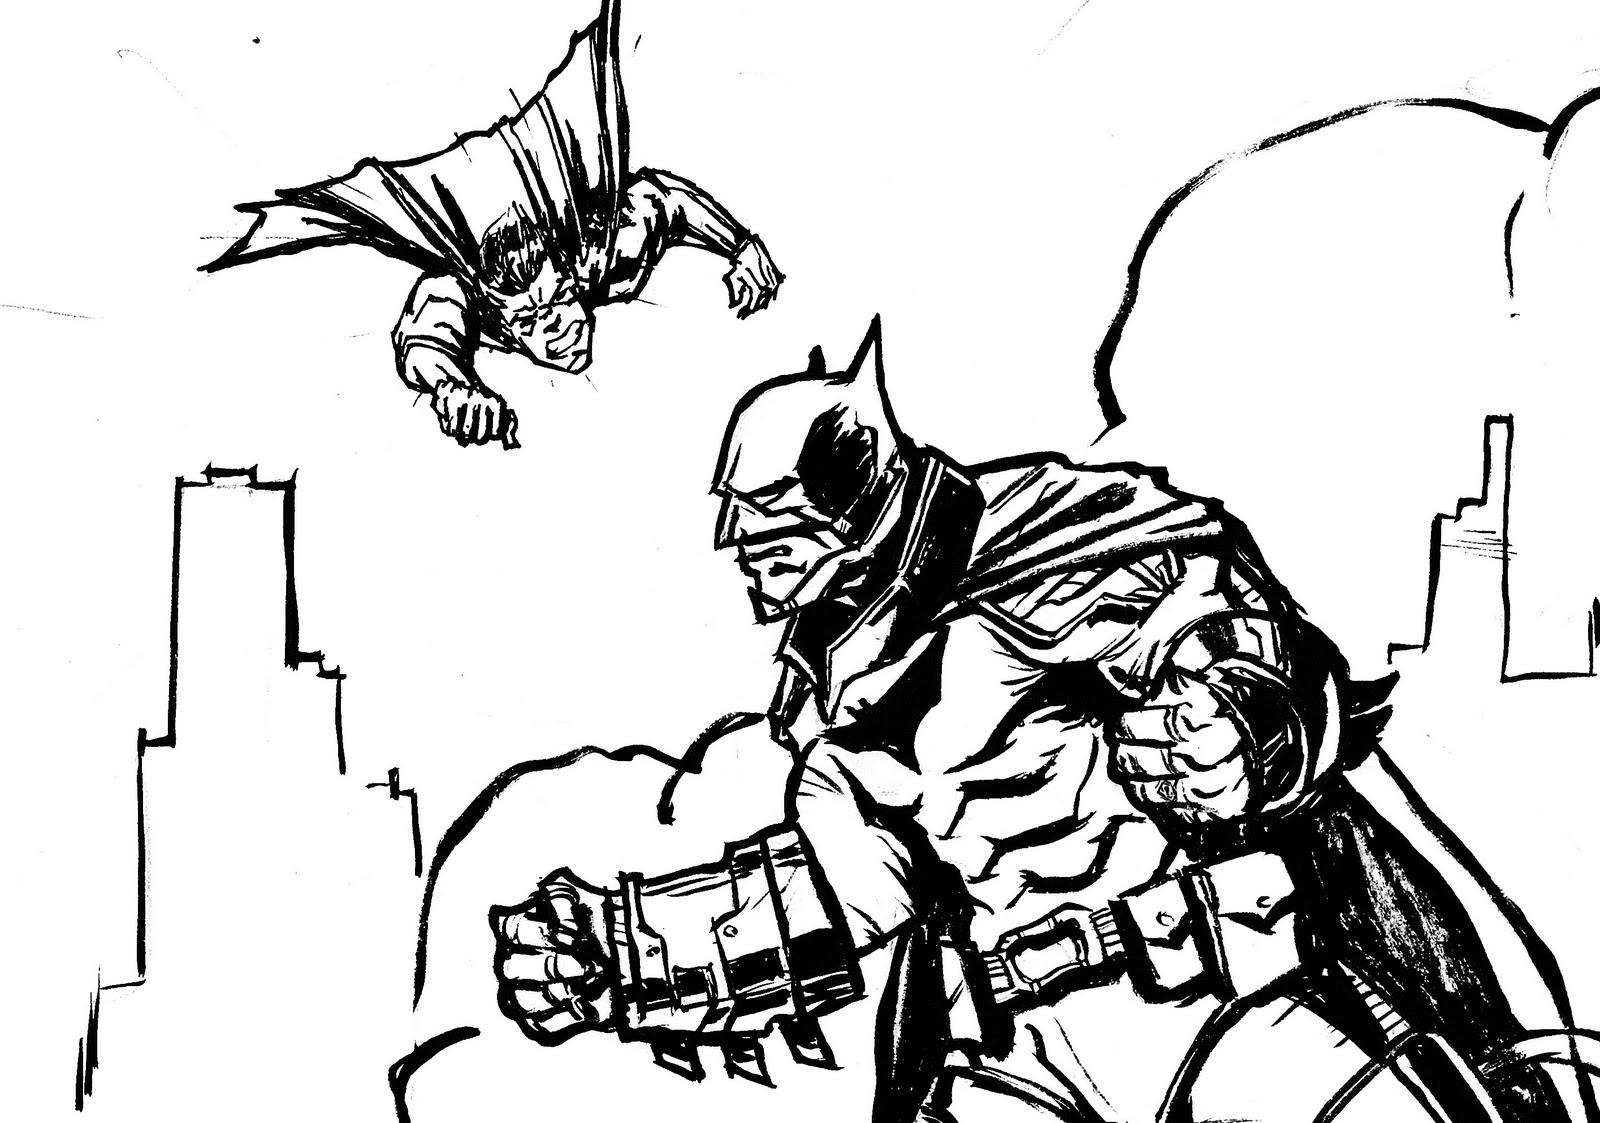 batman vs superman injustice coloring pages | Batman vs Superman | ArtLegence